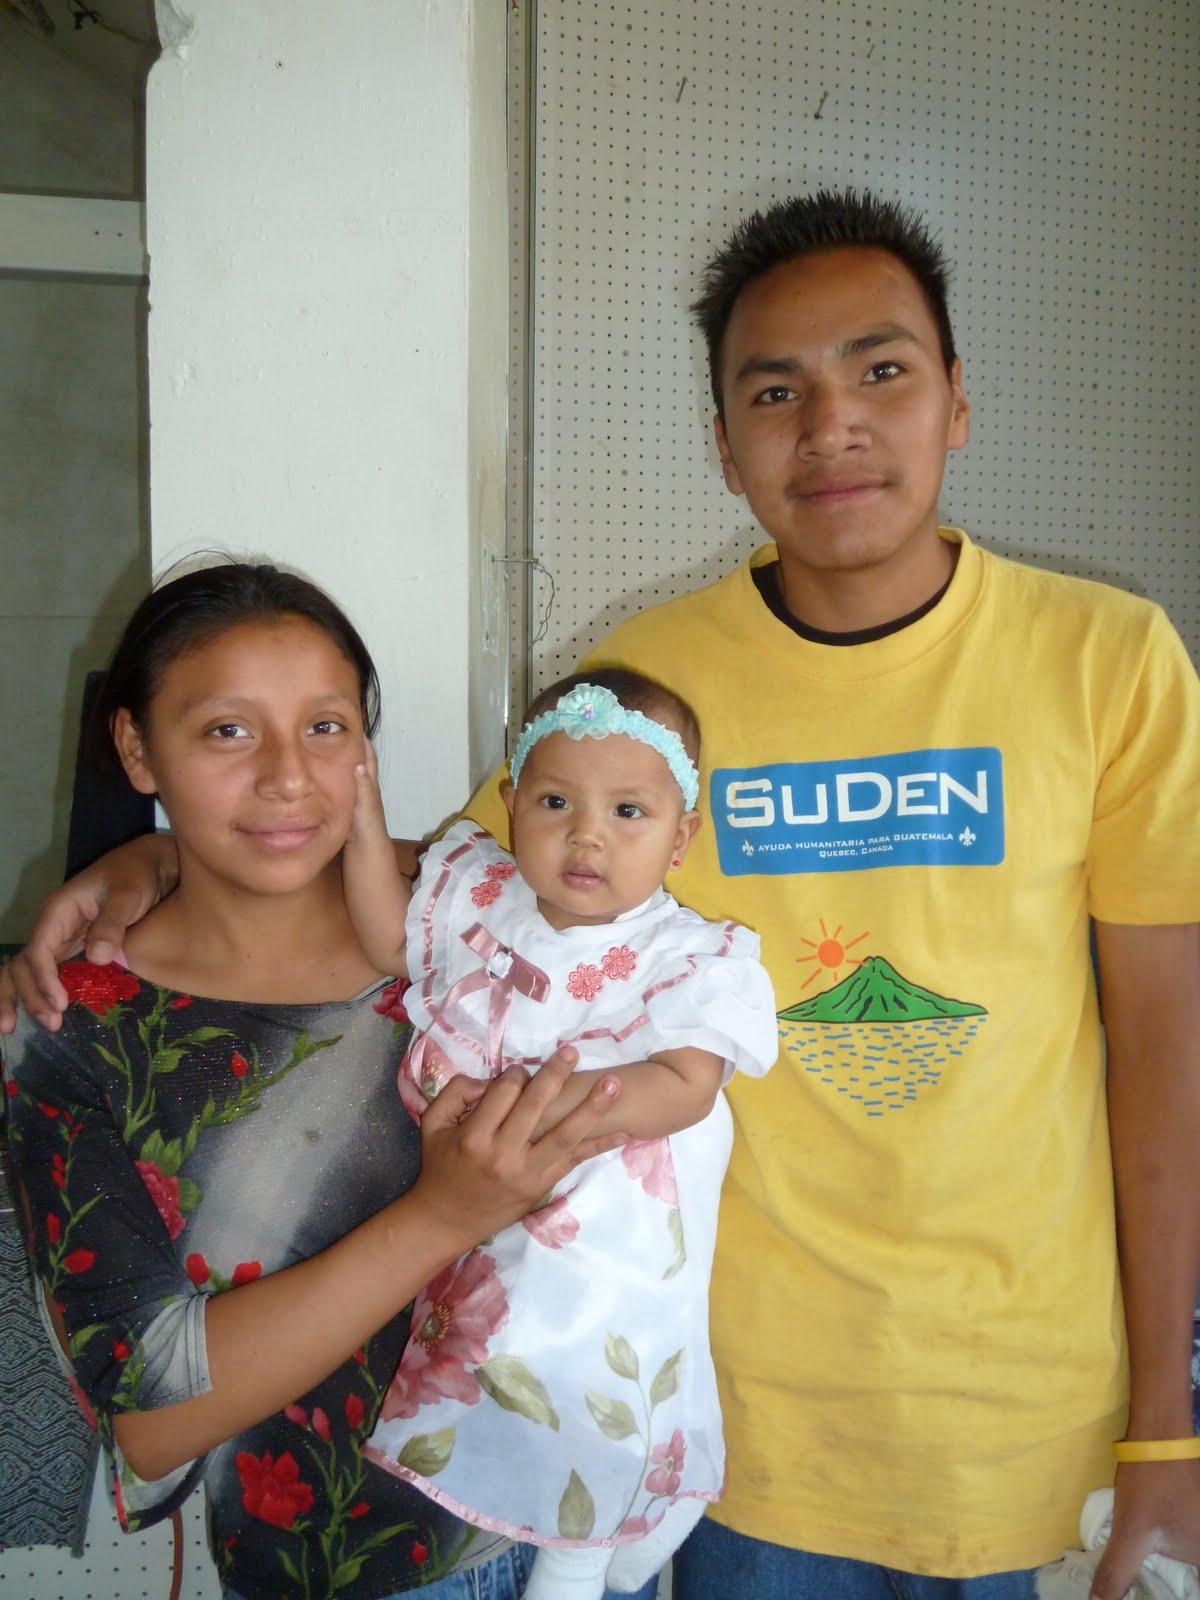 Sudenguatemala anniversaire de gervaise avec notre - Cuisinez avec notre famille ...